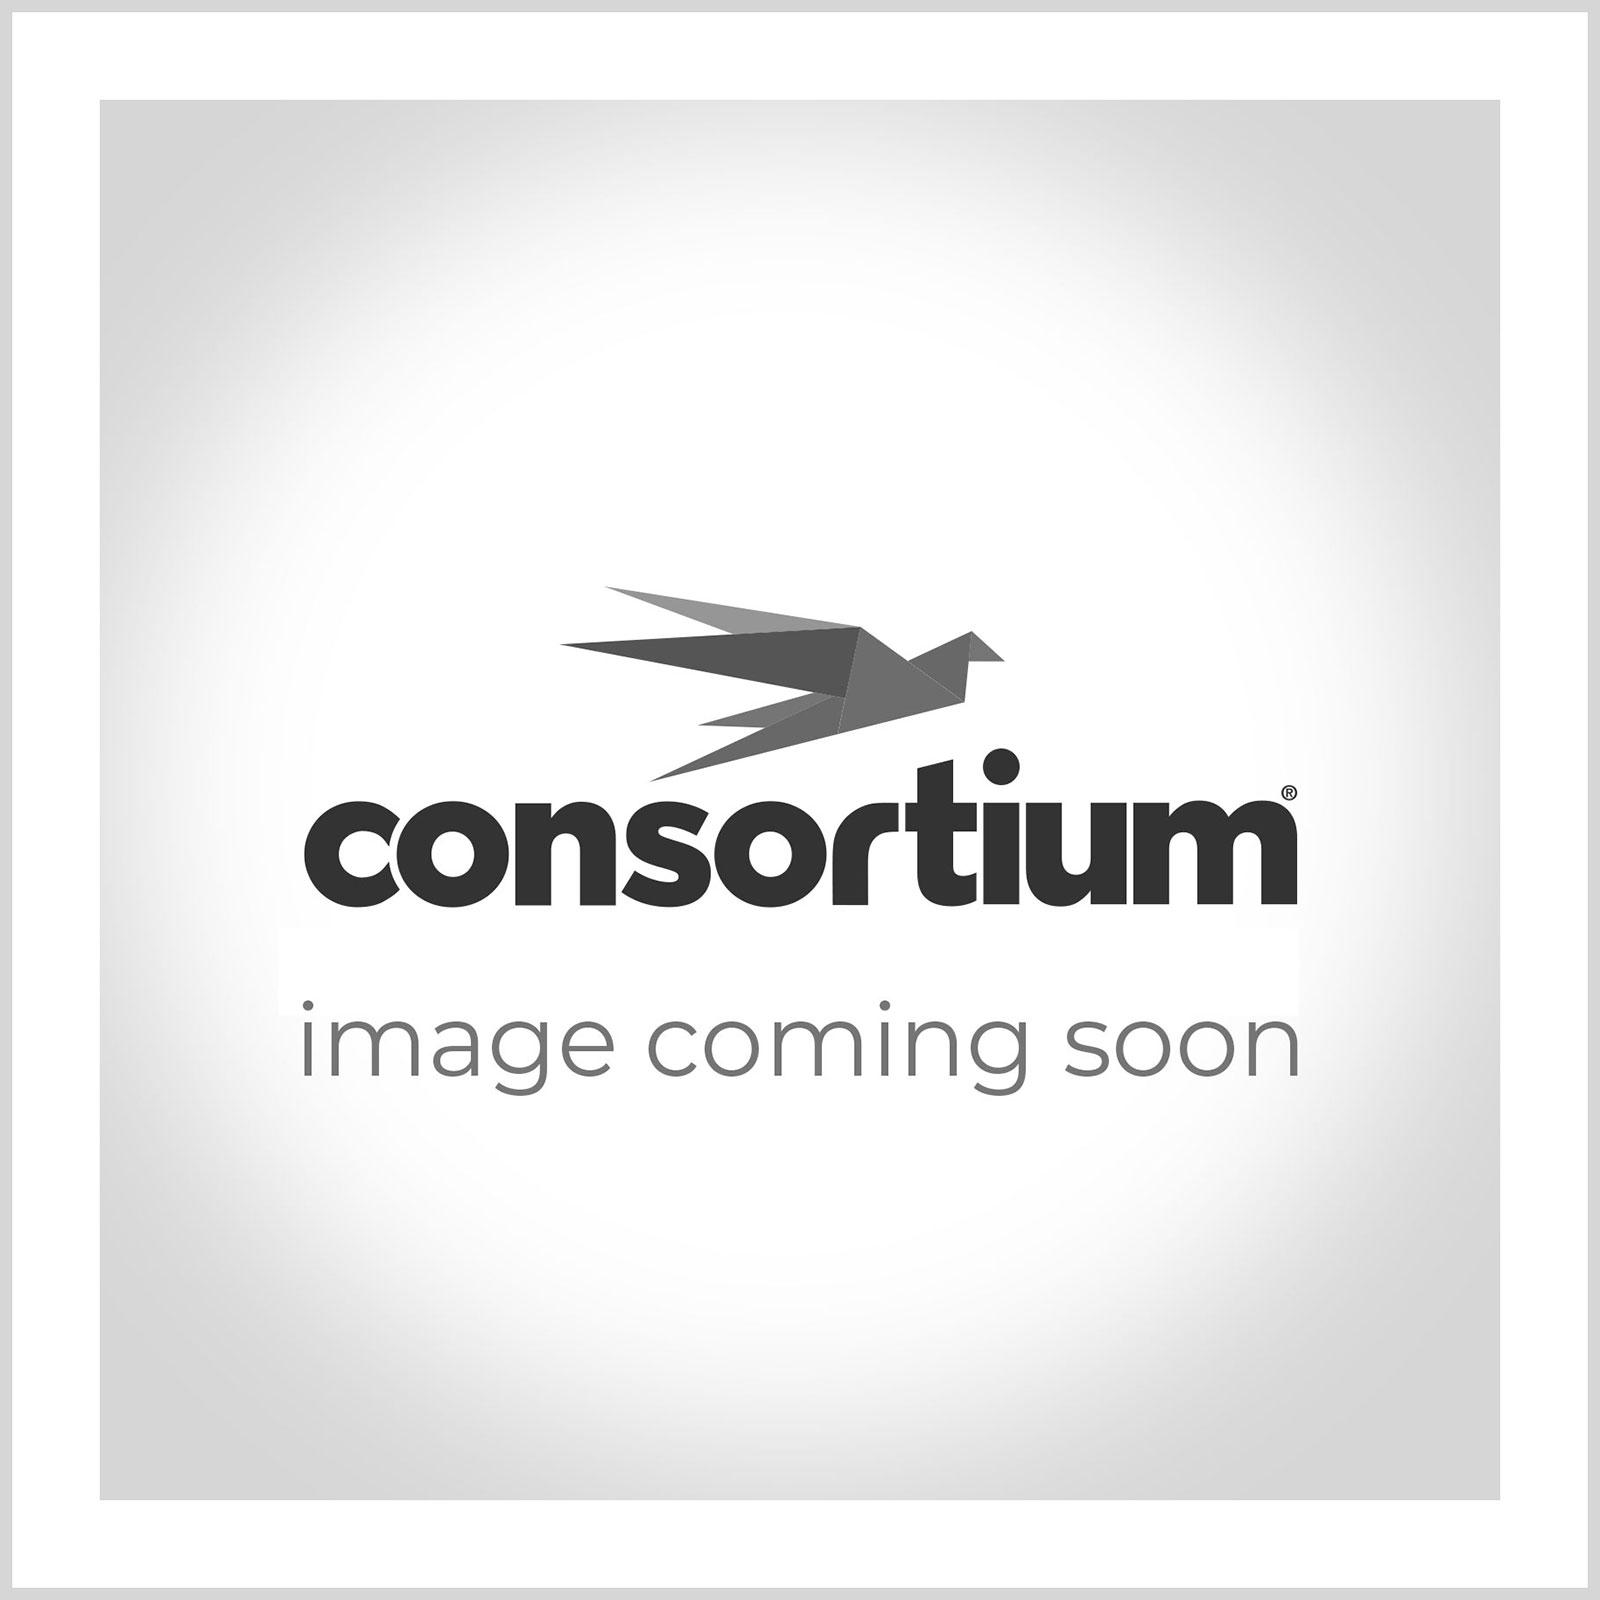 Fine Motor Plastic Grasping Tweezers